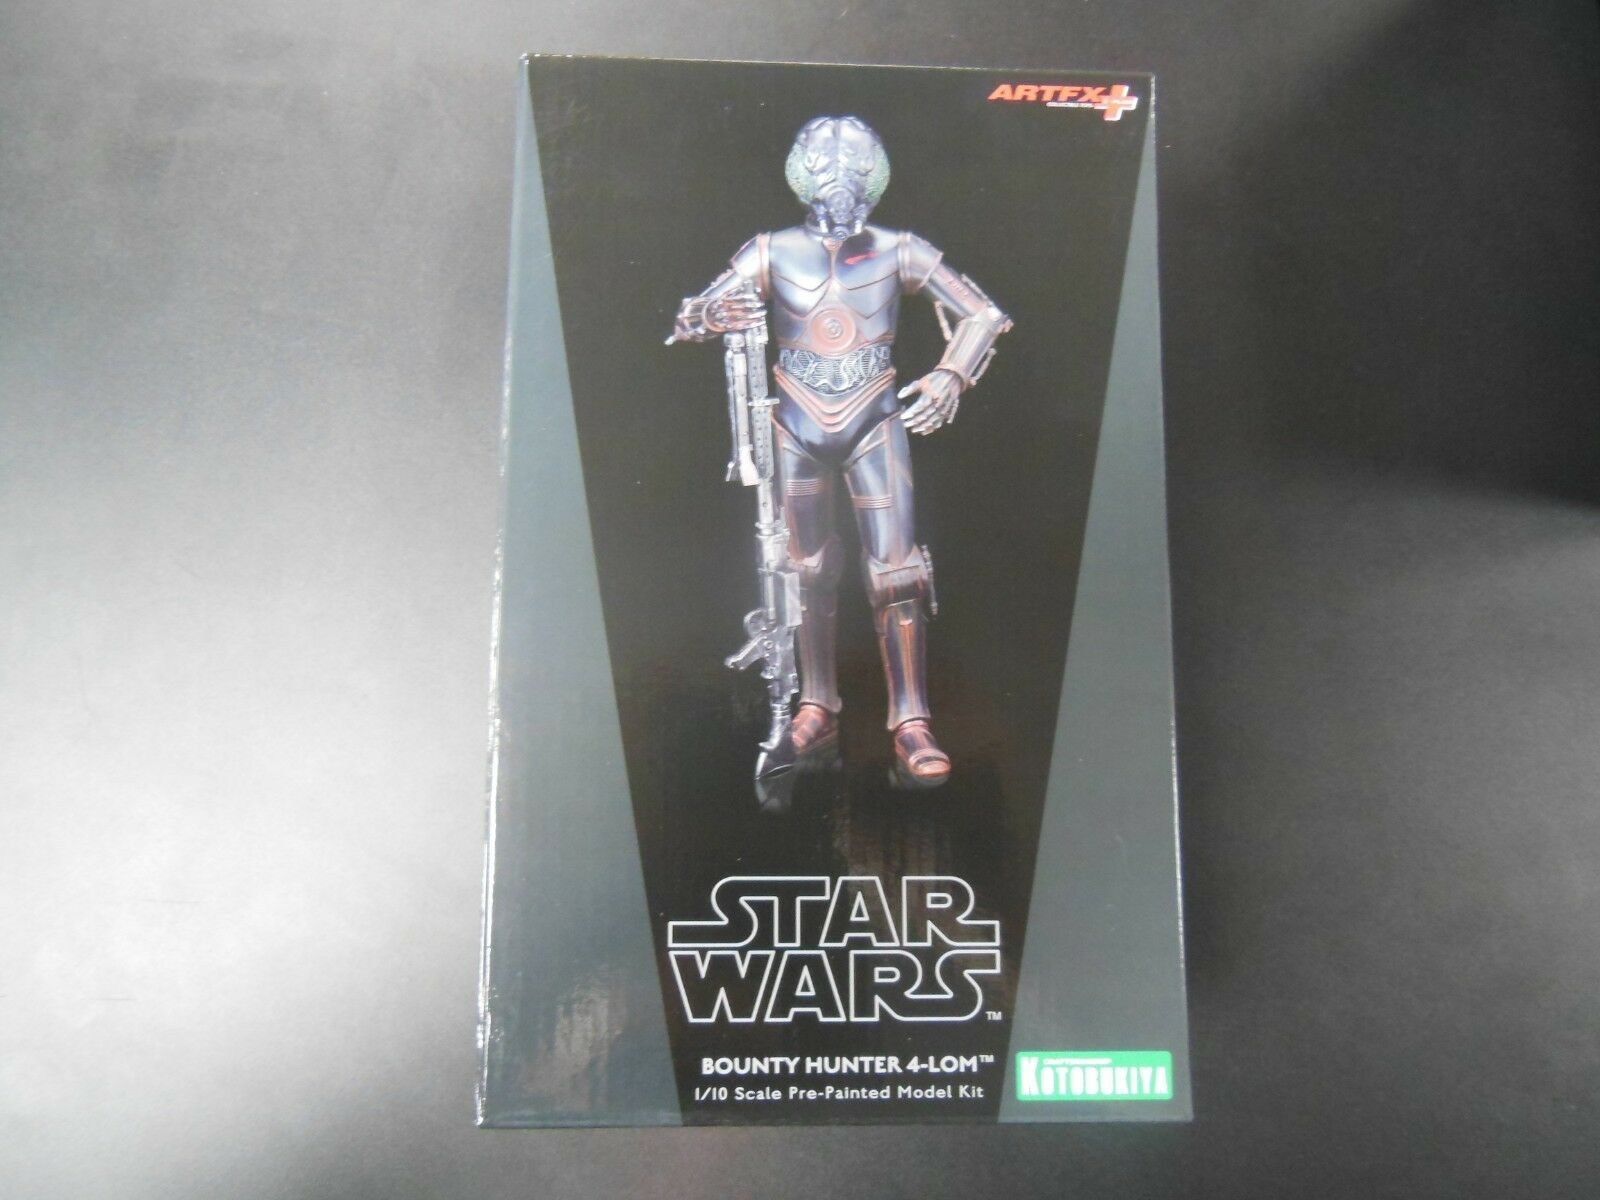 autorización oficial Estrella Wars 4-LOM Bounty Hunter Kotobukiya Kotobukiya Kotobukiya Artfx + Figura Nueva Baf Boba Fett  precios mas bajos